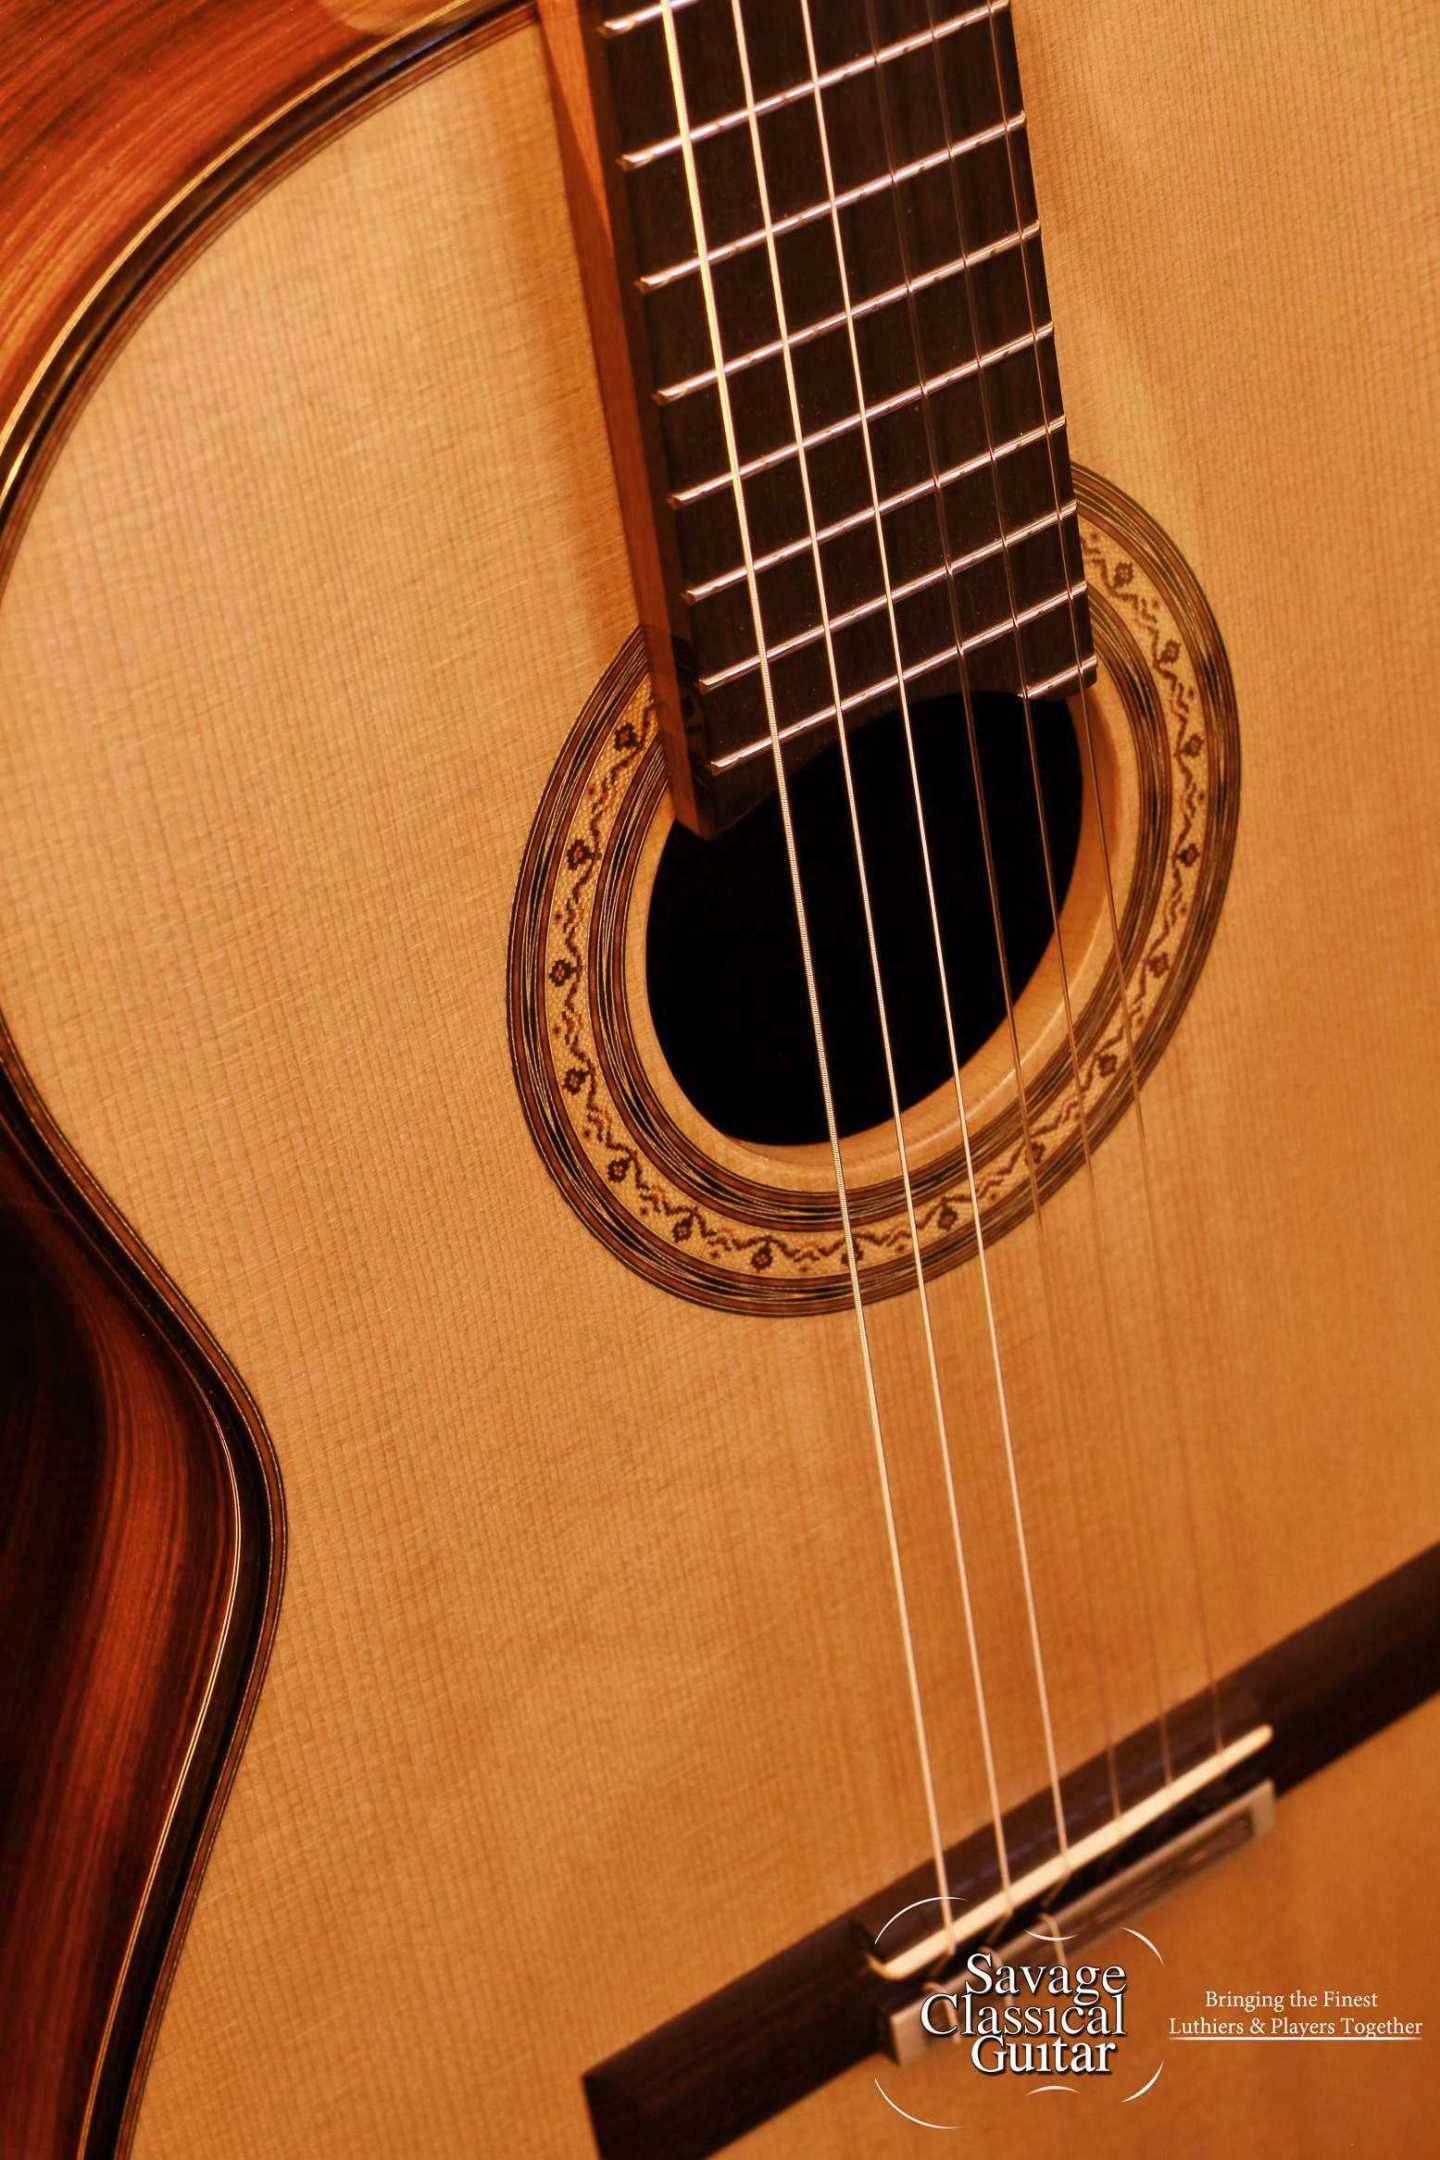 Jean Rompr 233 Classical Guitar 138 Savage Classical Guitar